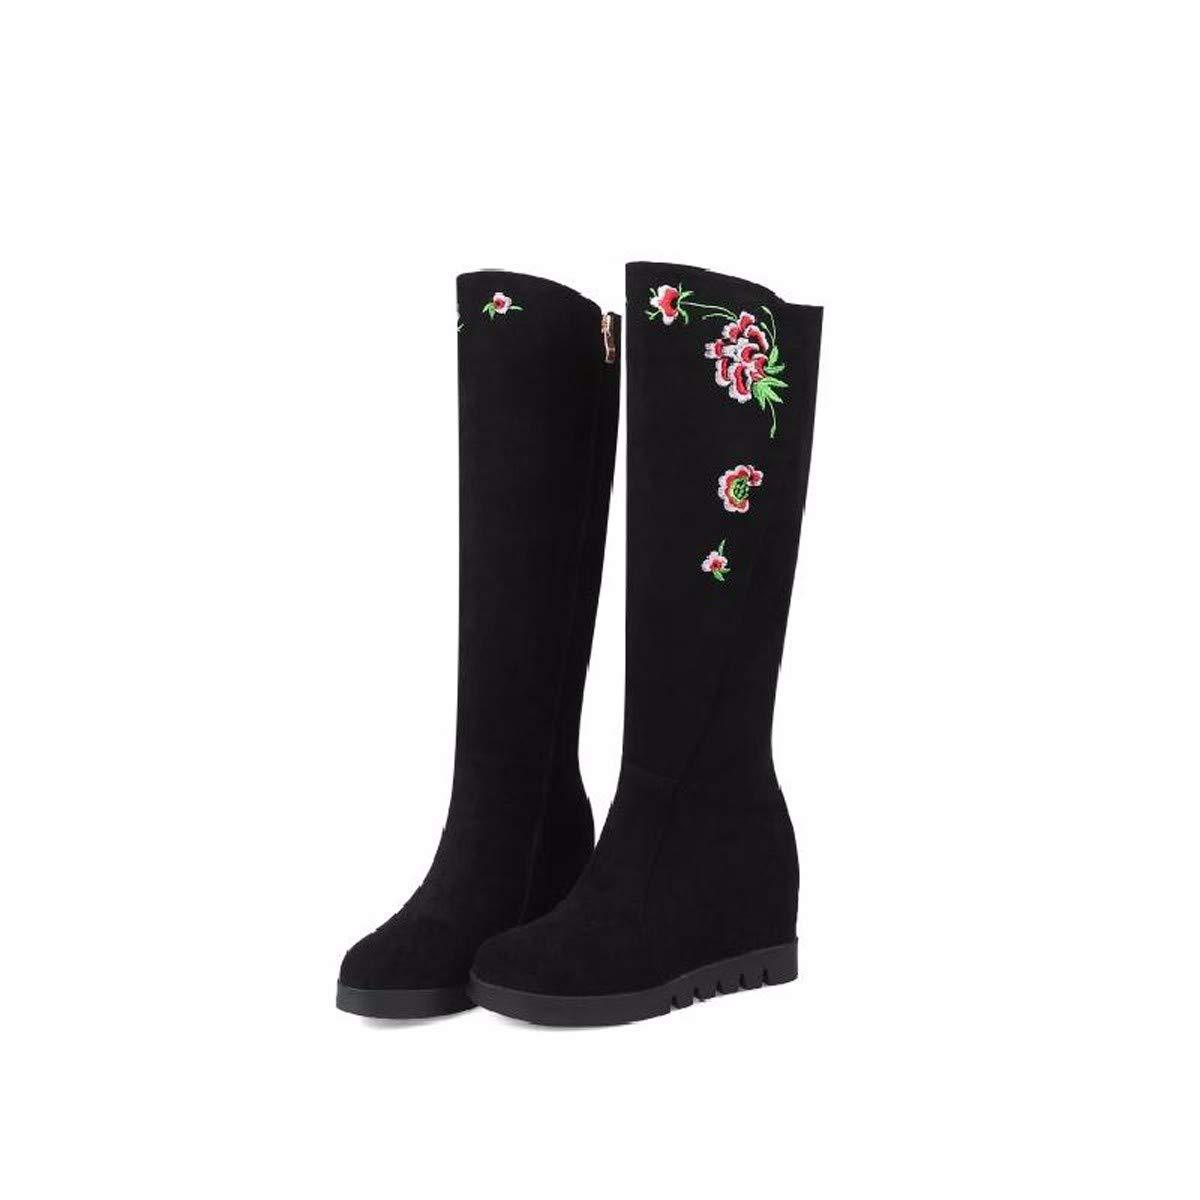 AJUNR-Ethnische Stil Retro Heel 7 cm Bestickte Stiefel Slim Innerer Größe Komfortable Steigung Ferse Hohe Stiefel Schwarz Wildleder - Stiefel